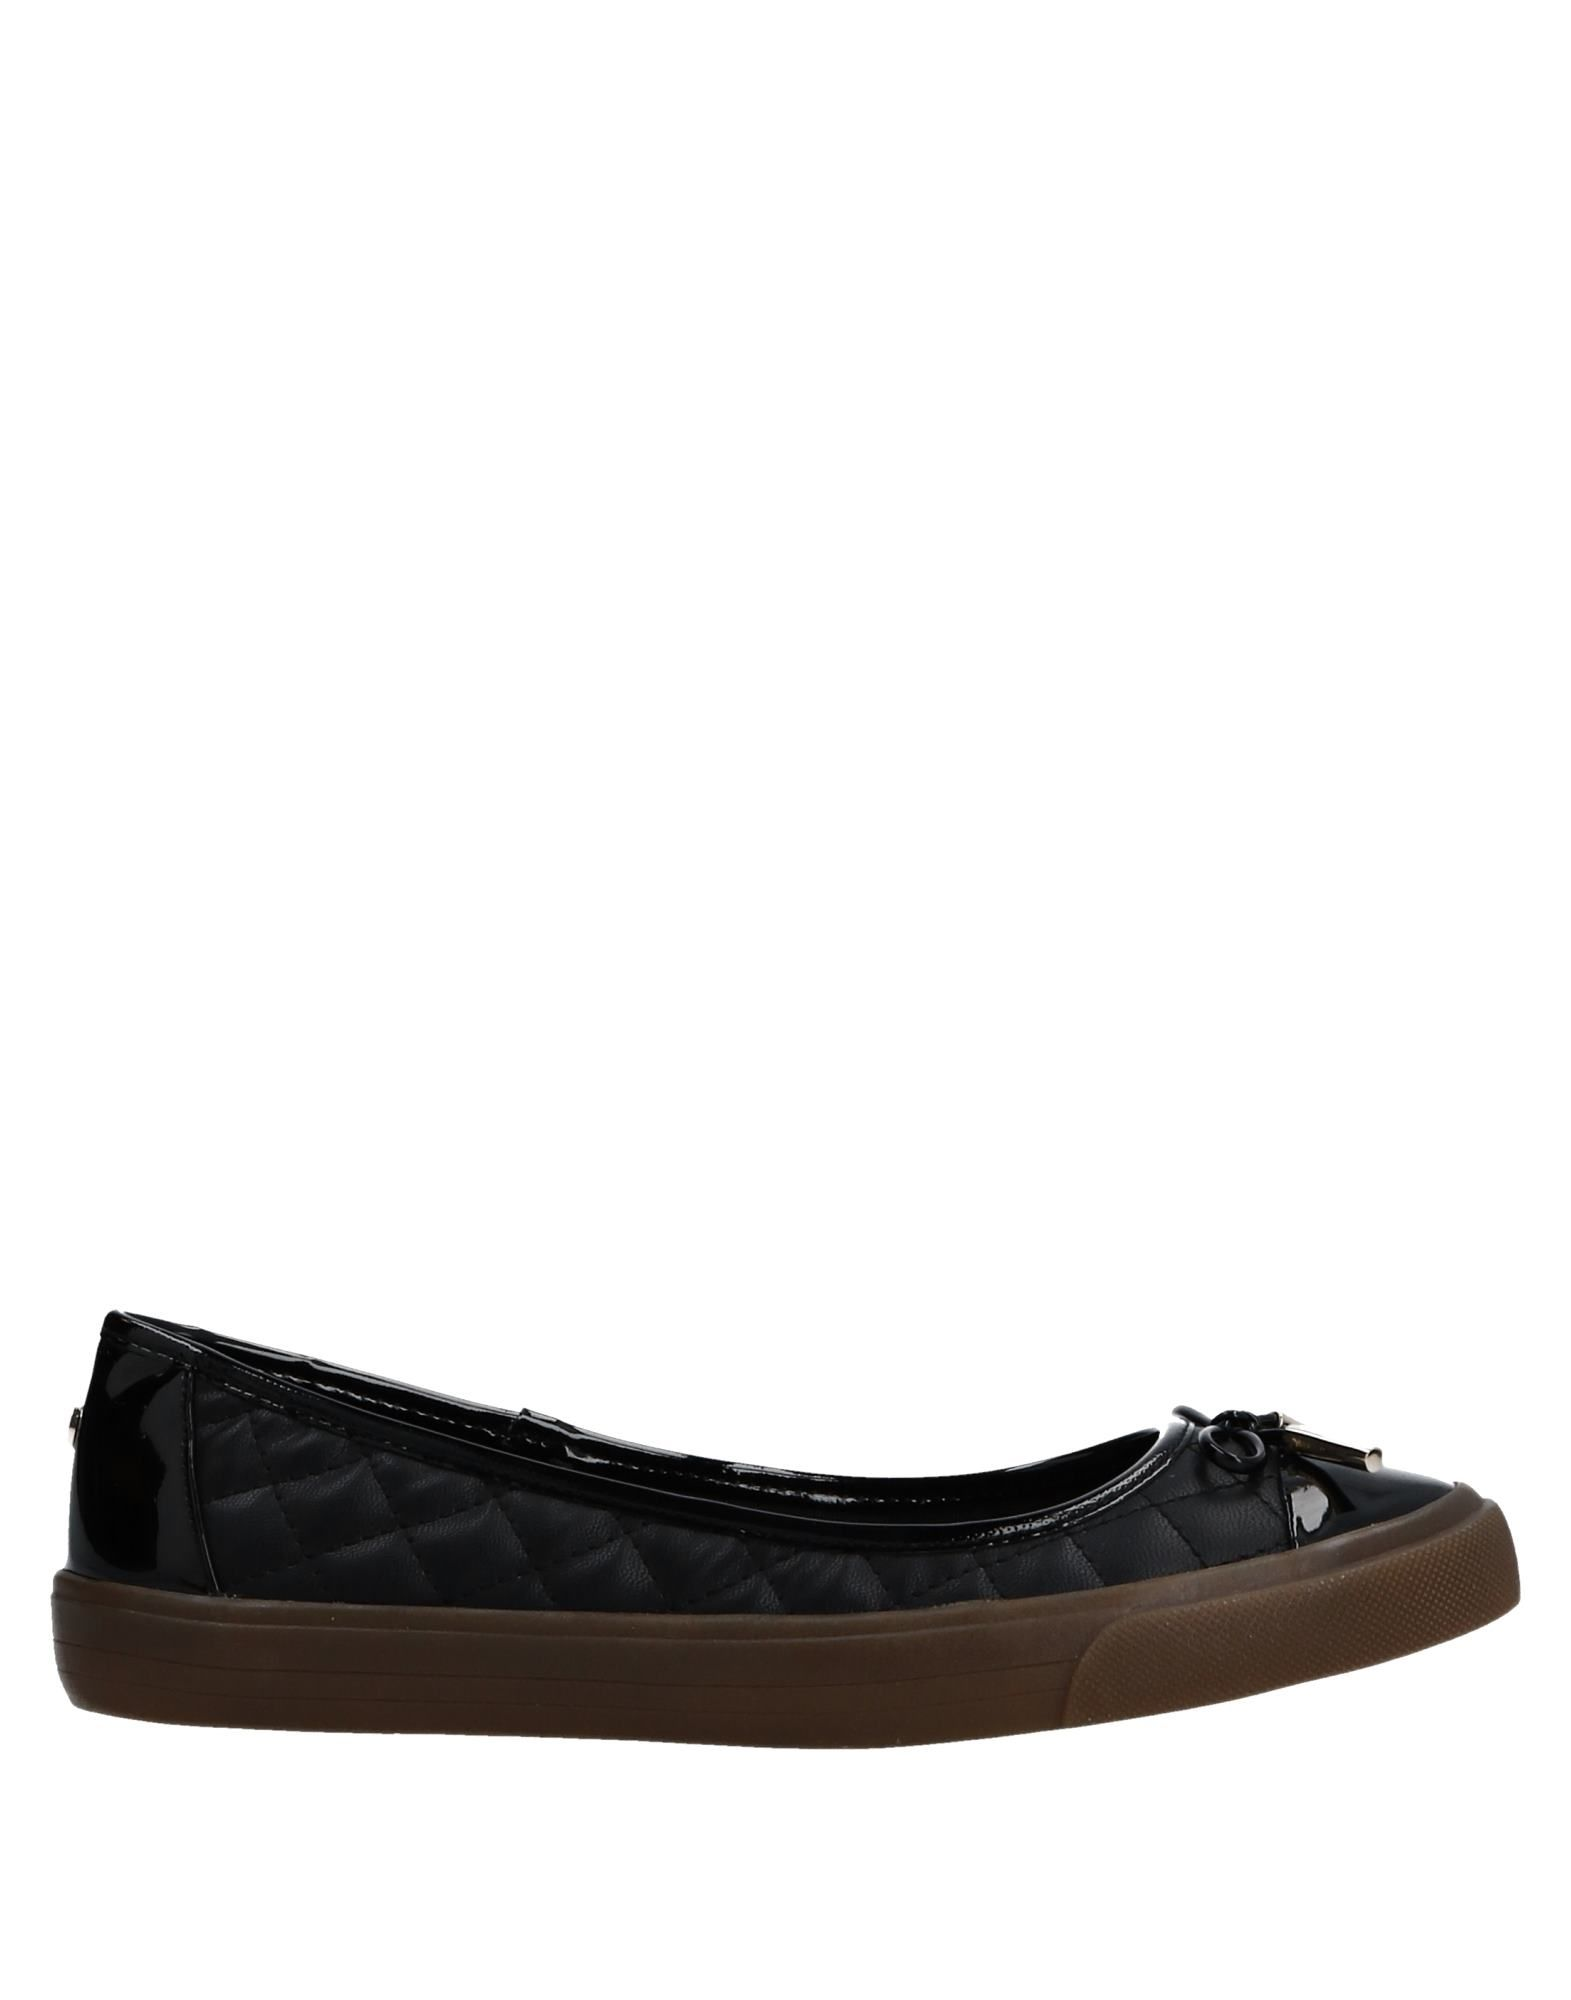 Armani Jeans Ballerinas Damen  11527747WL Gute Qualität beliebte Schuhe